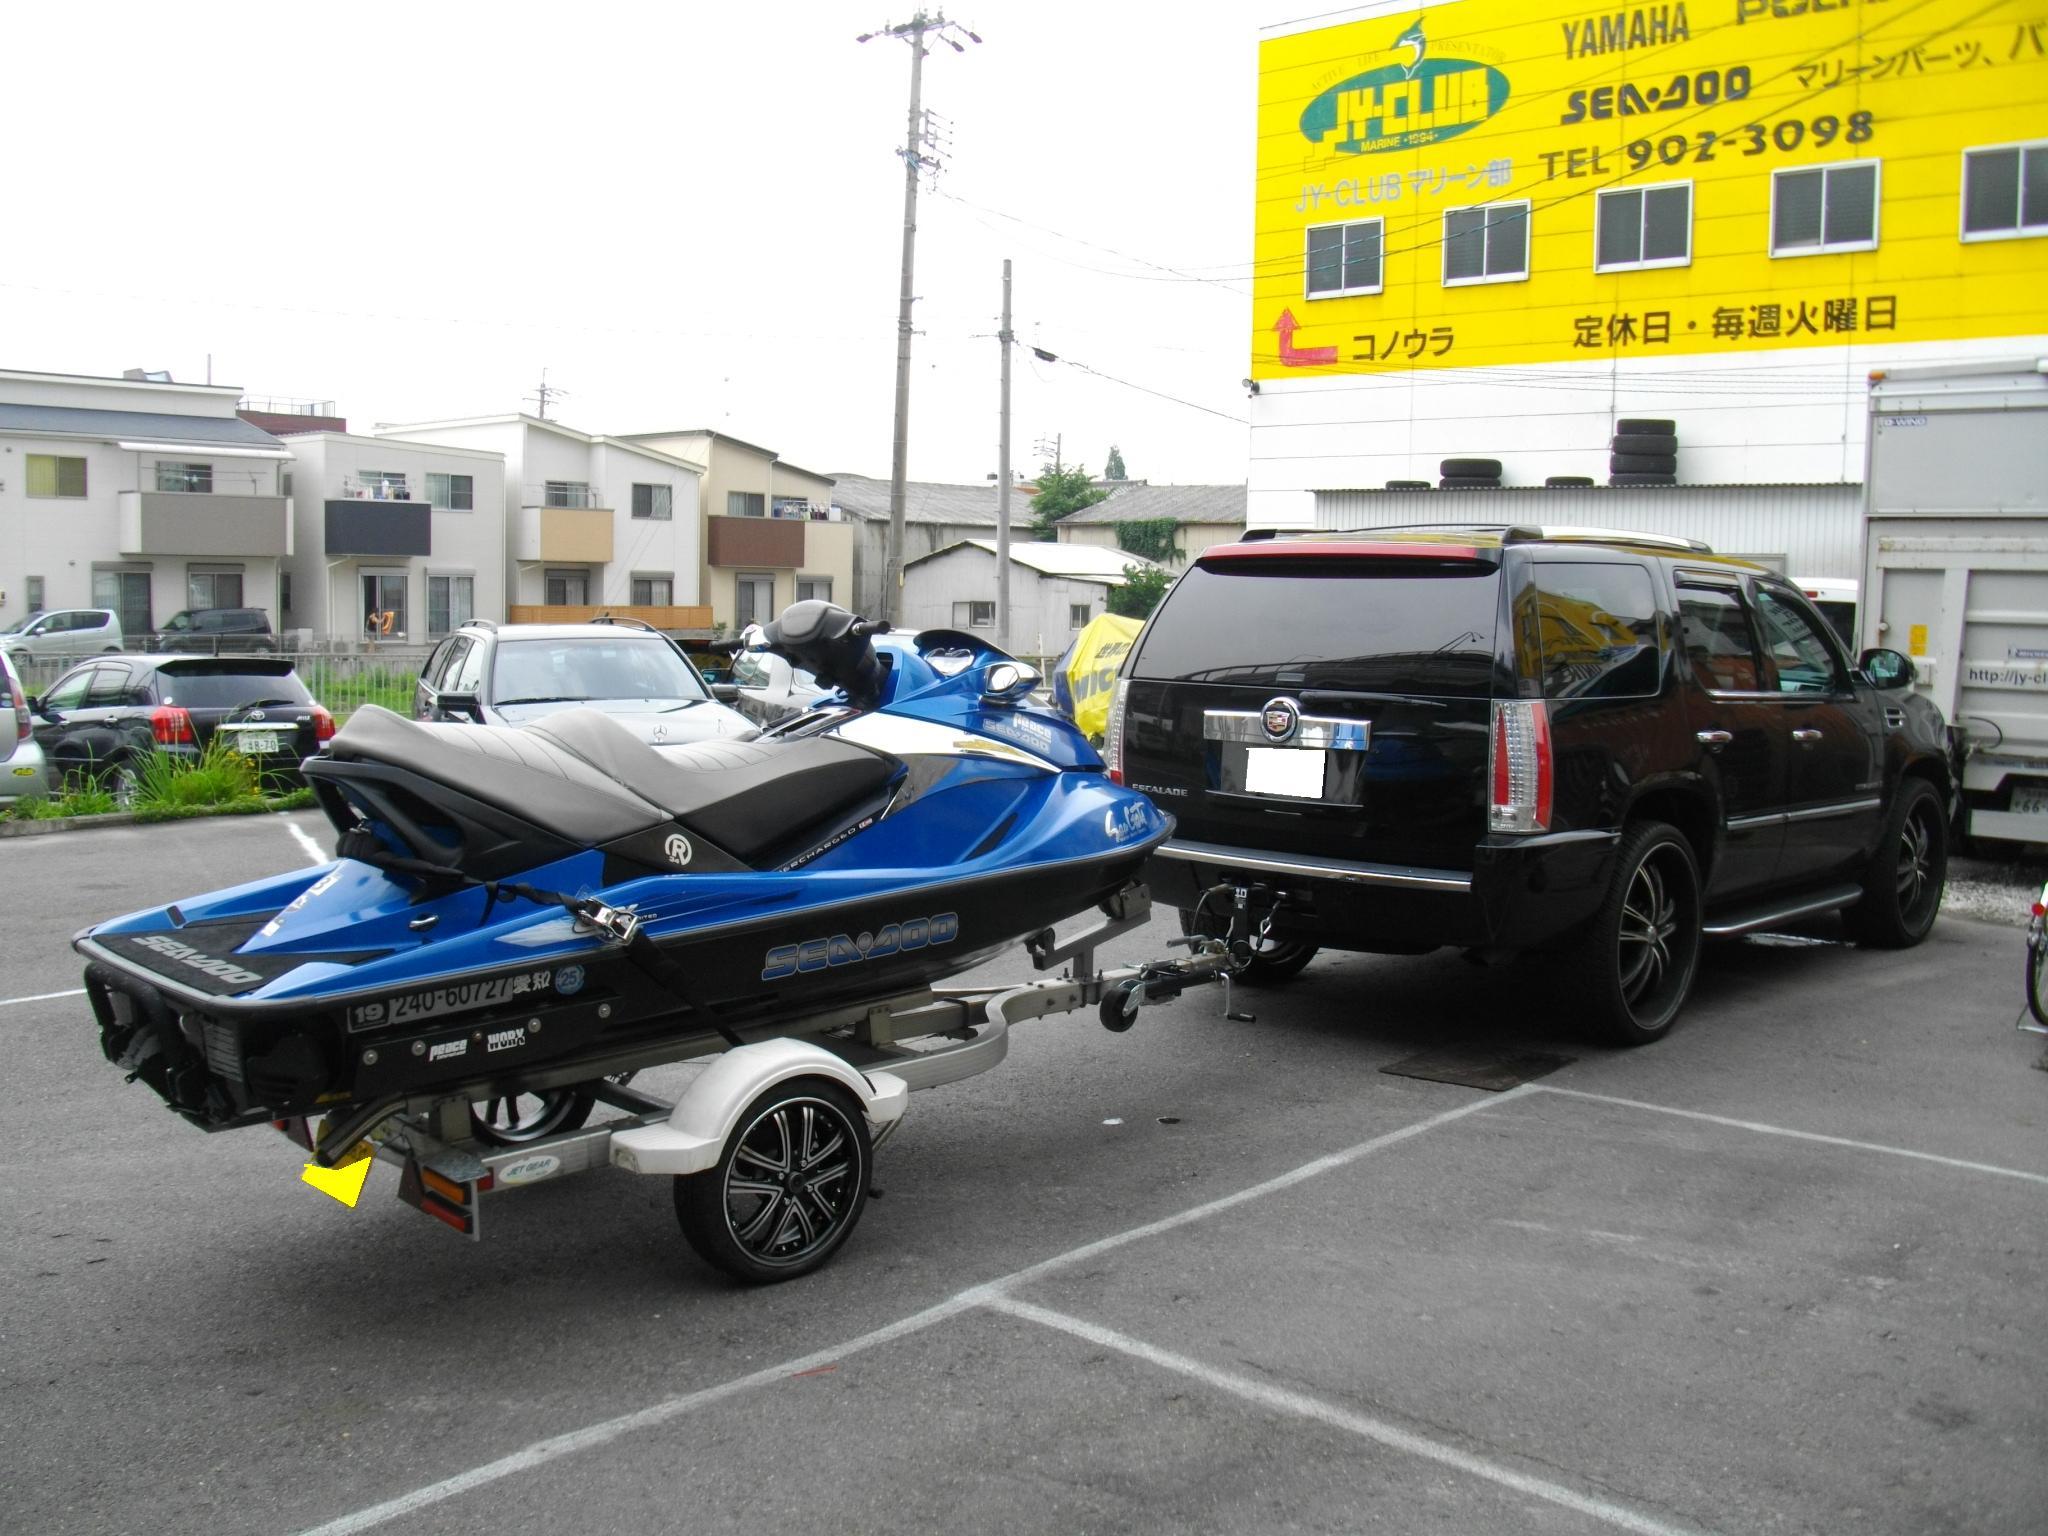 ジェットスキーのトレーラーを・・・_e0188729_14112359.jpg